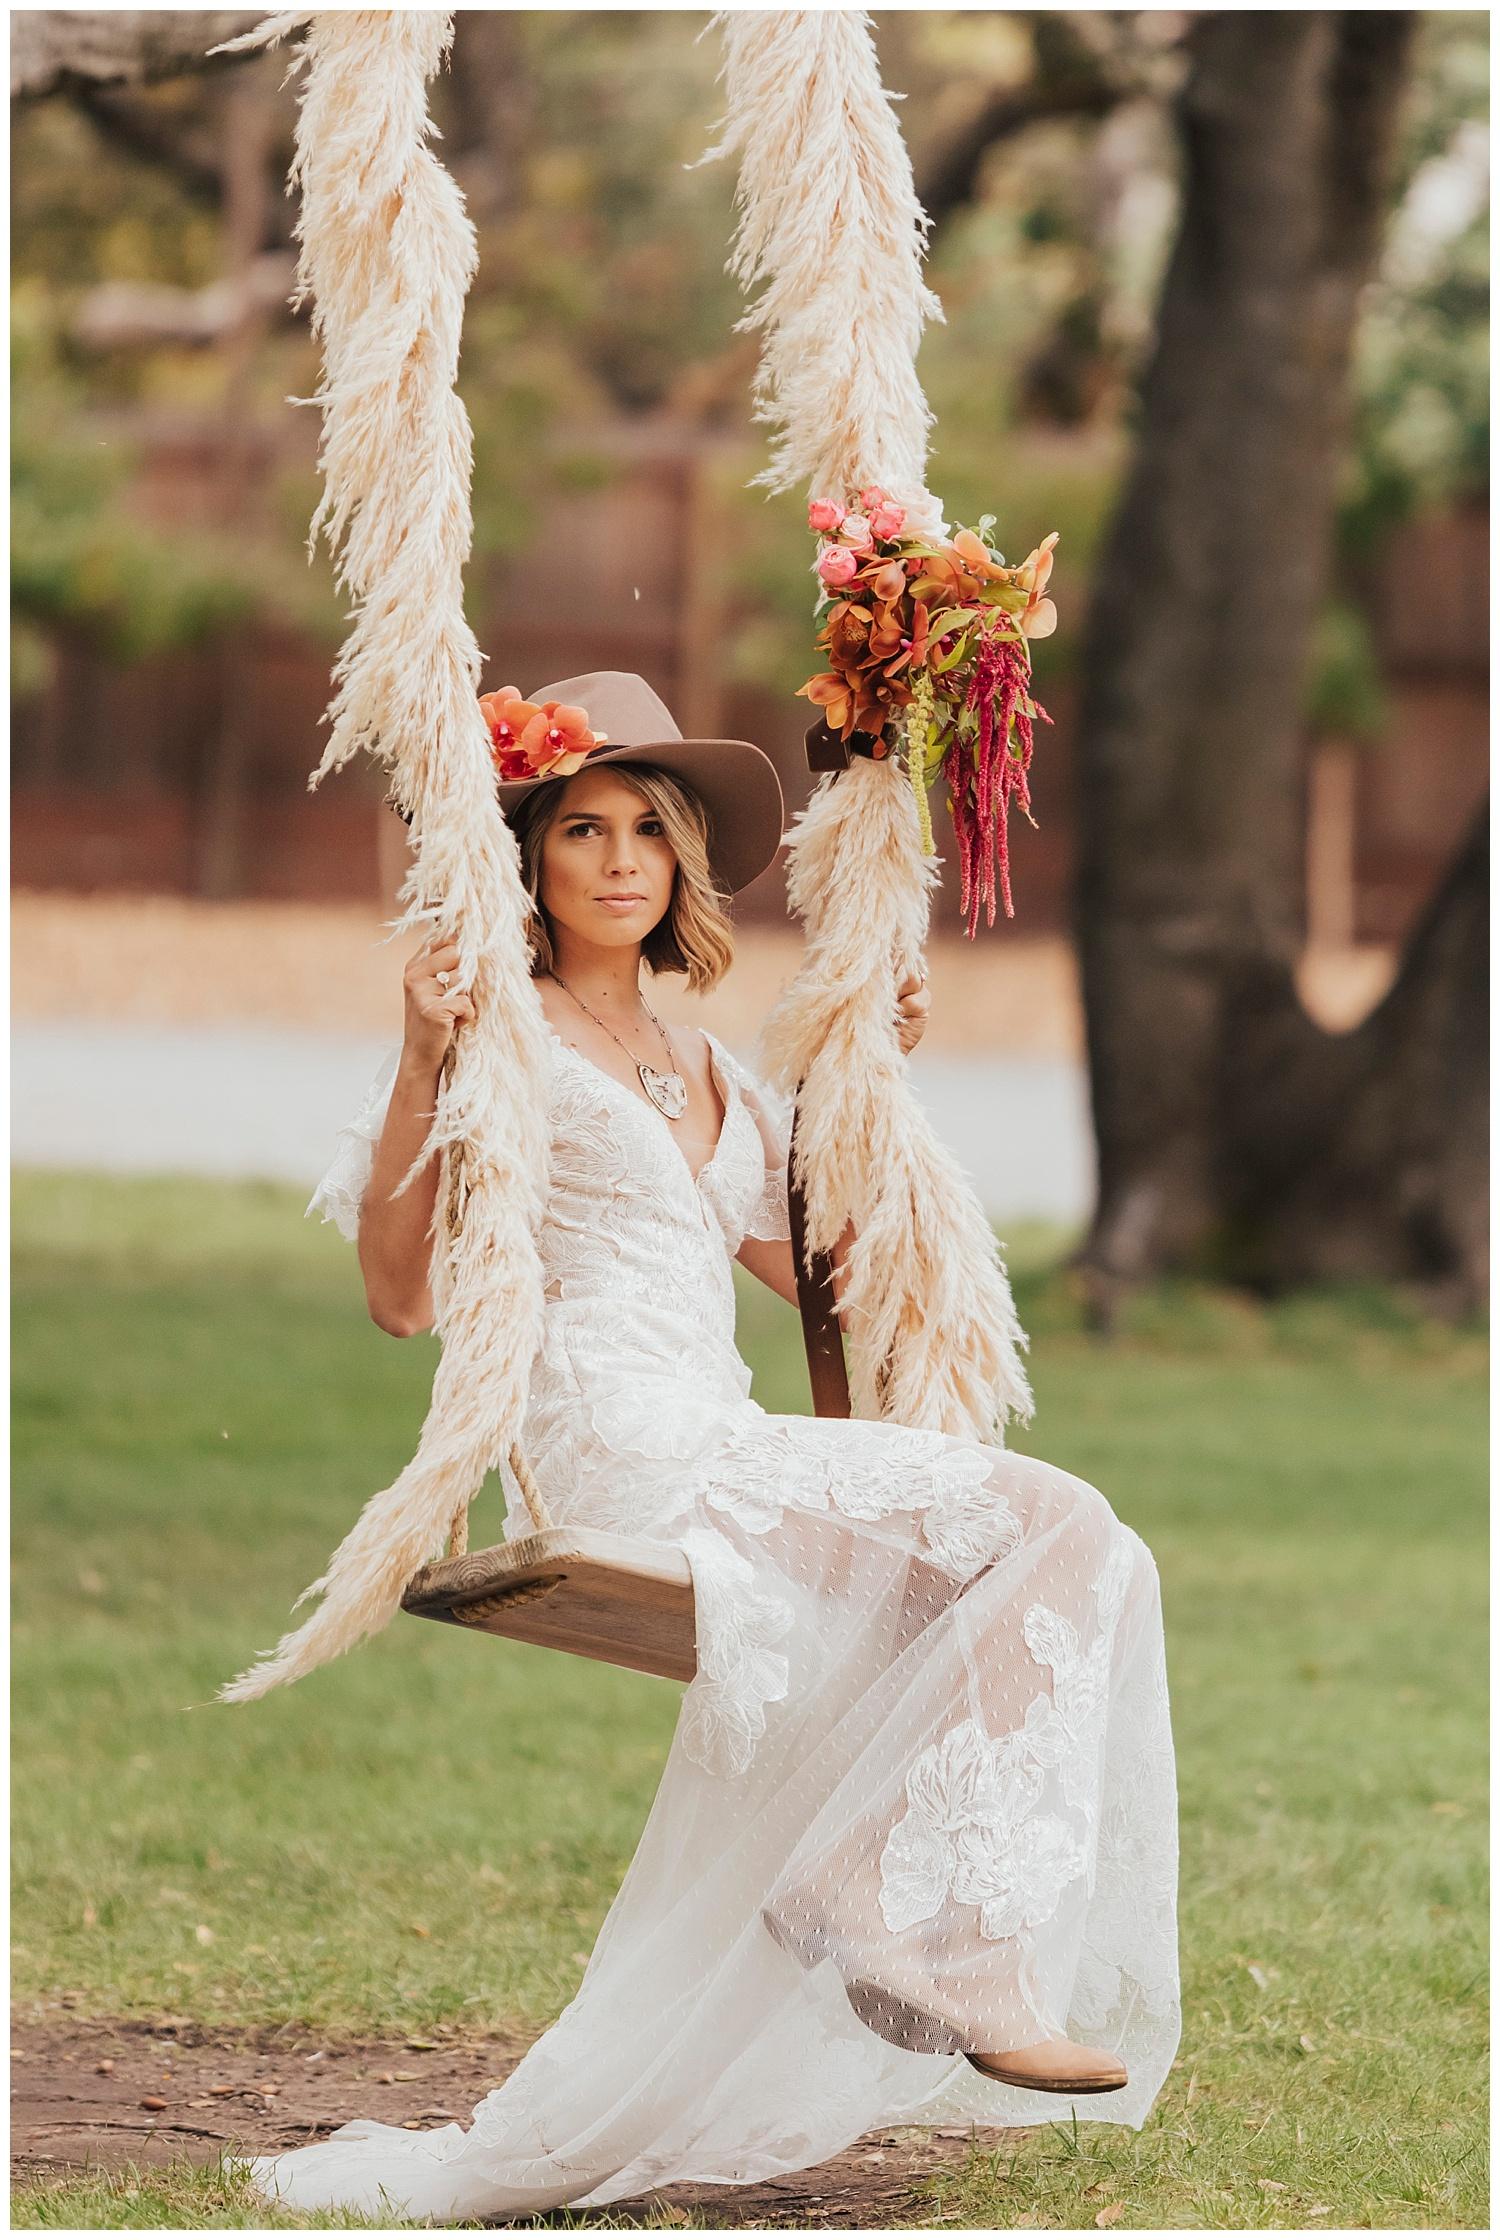 carol oliva photography boho bridal swing